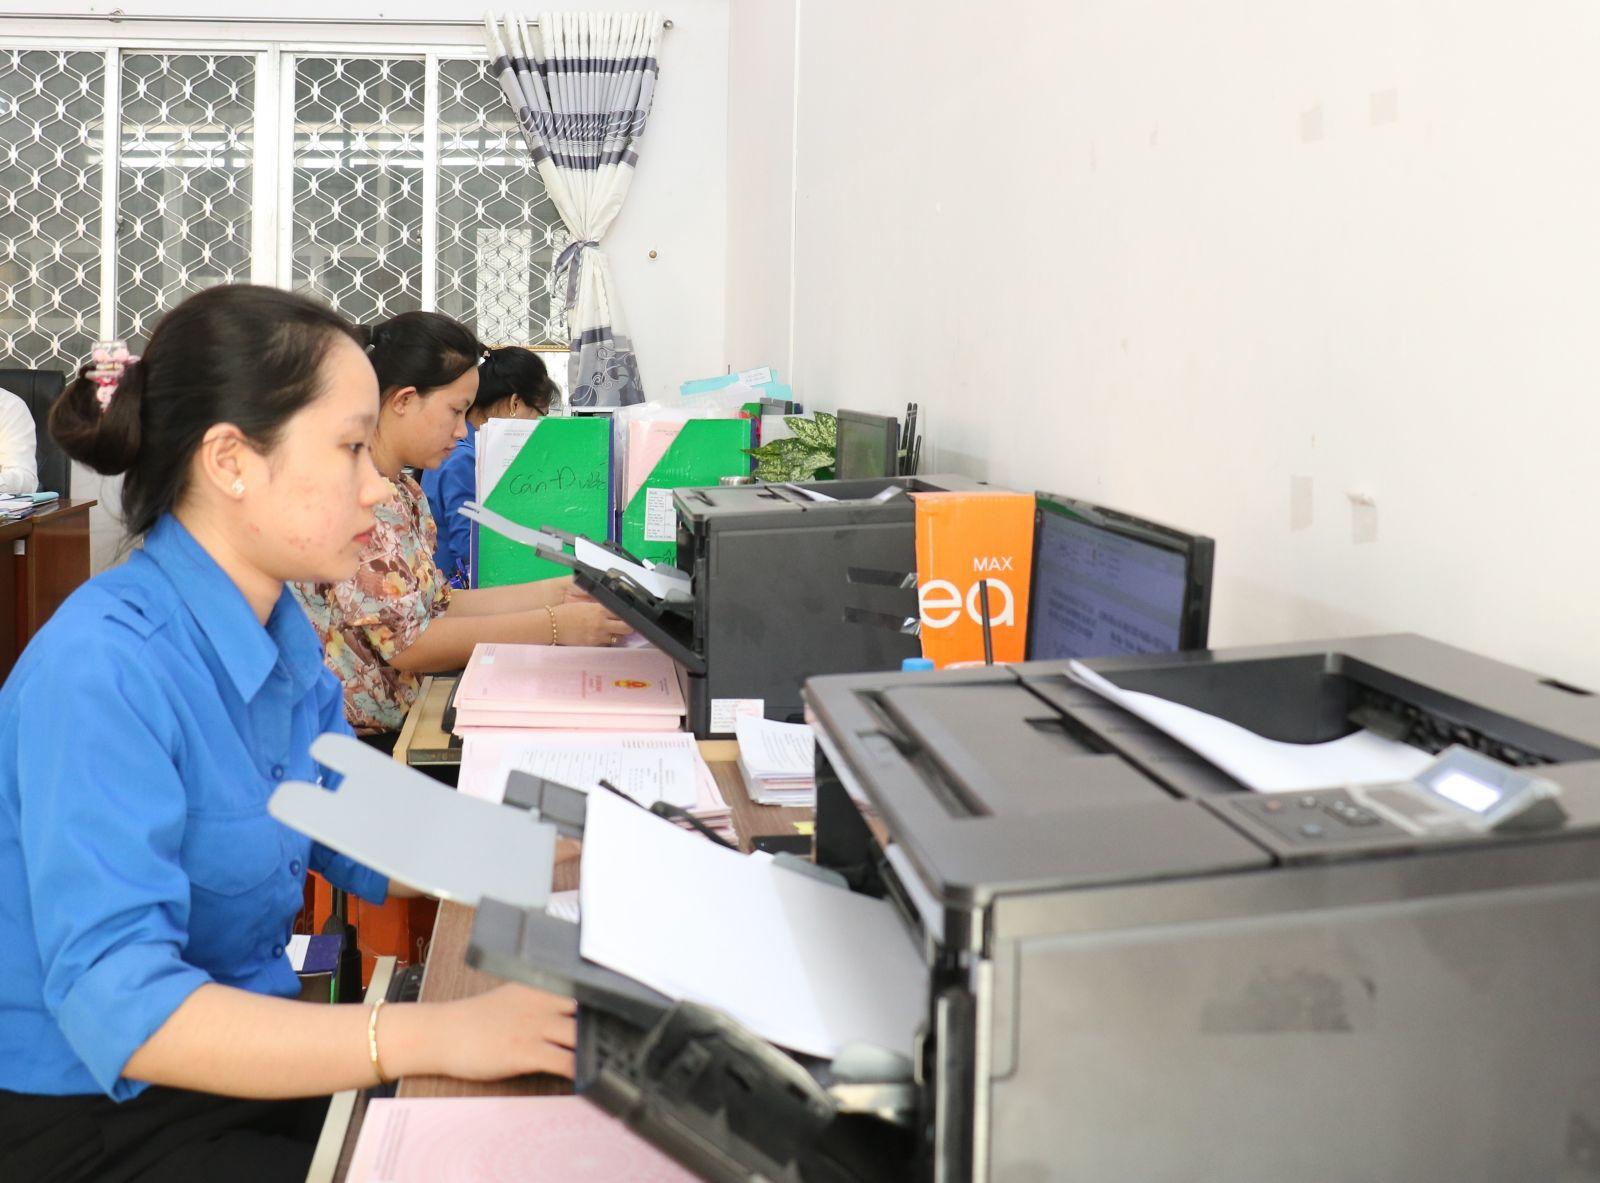 Viên chức và người lao động Văn phòng Đăng ký đất đai quyết tâm phục vụ tốt người dân, doanh nghiệp trong giải quyết thủ tục hành chính về đất đai